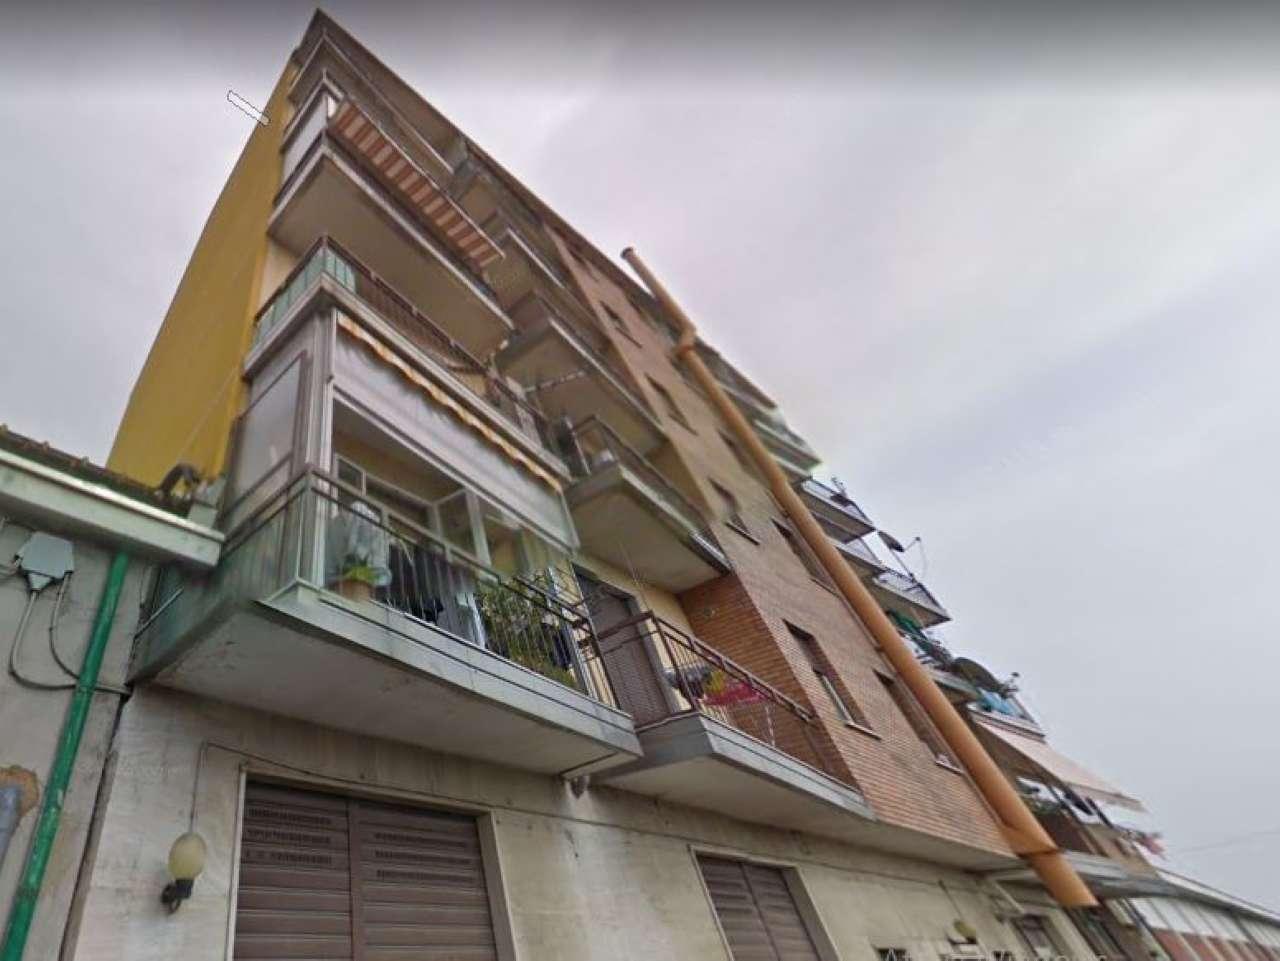 Appartamento in vendita a Borgaro Torinese, 3 locali, prezzo € 34.500 | CambioCasa.it